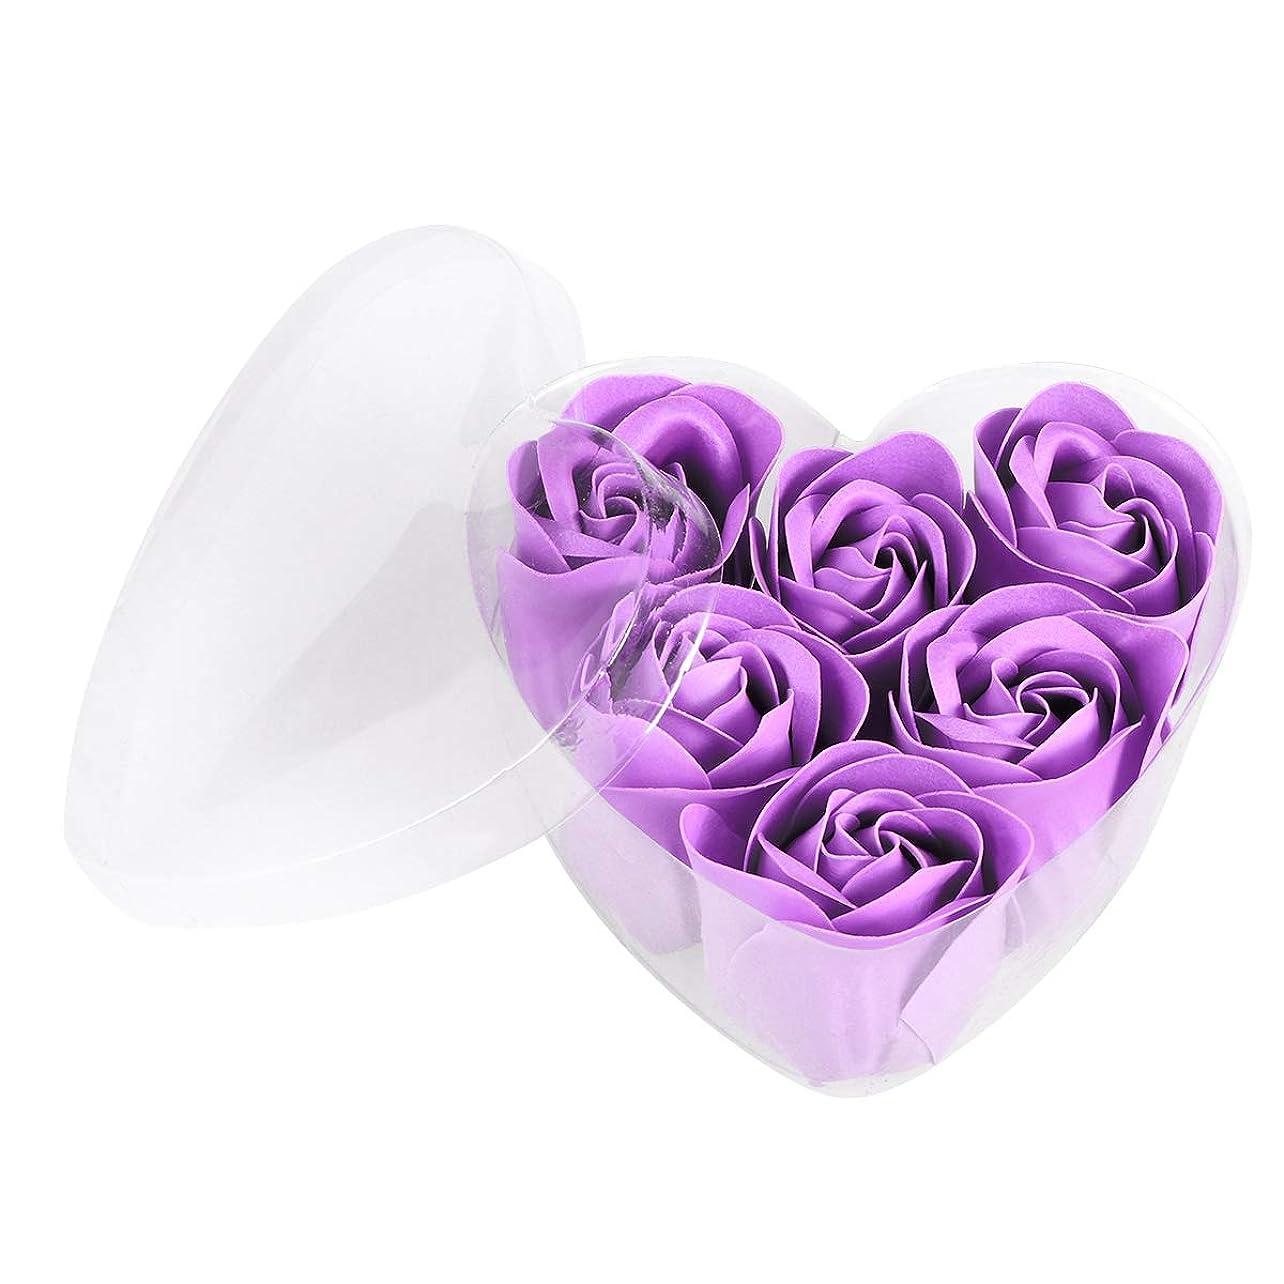 キリストアスペクト悲しいBeaupretty 6本シミュレーションローズソープハート型フラワーソープギフトボックス結婚式の誕生日Valentin's Day(紫)